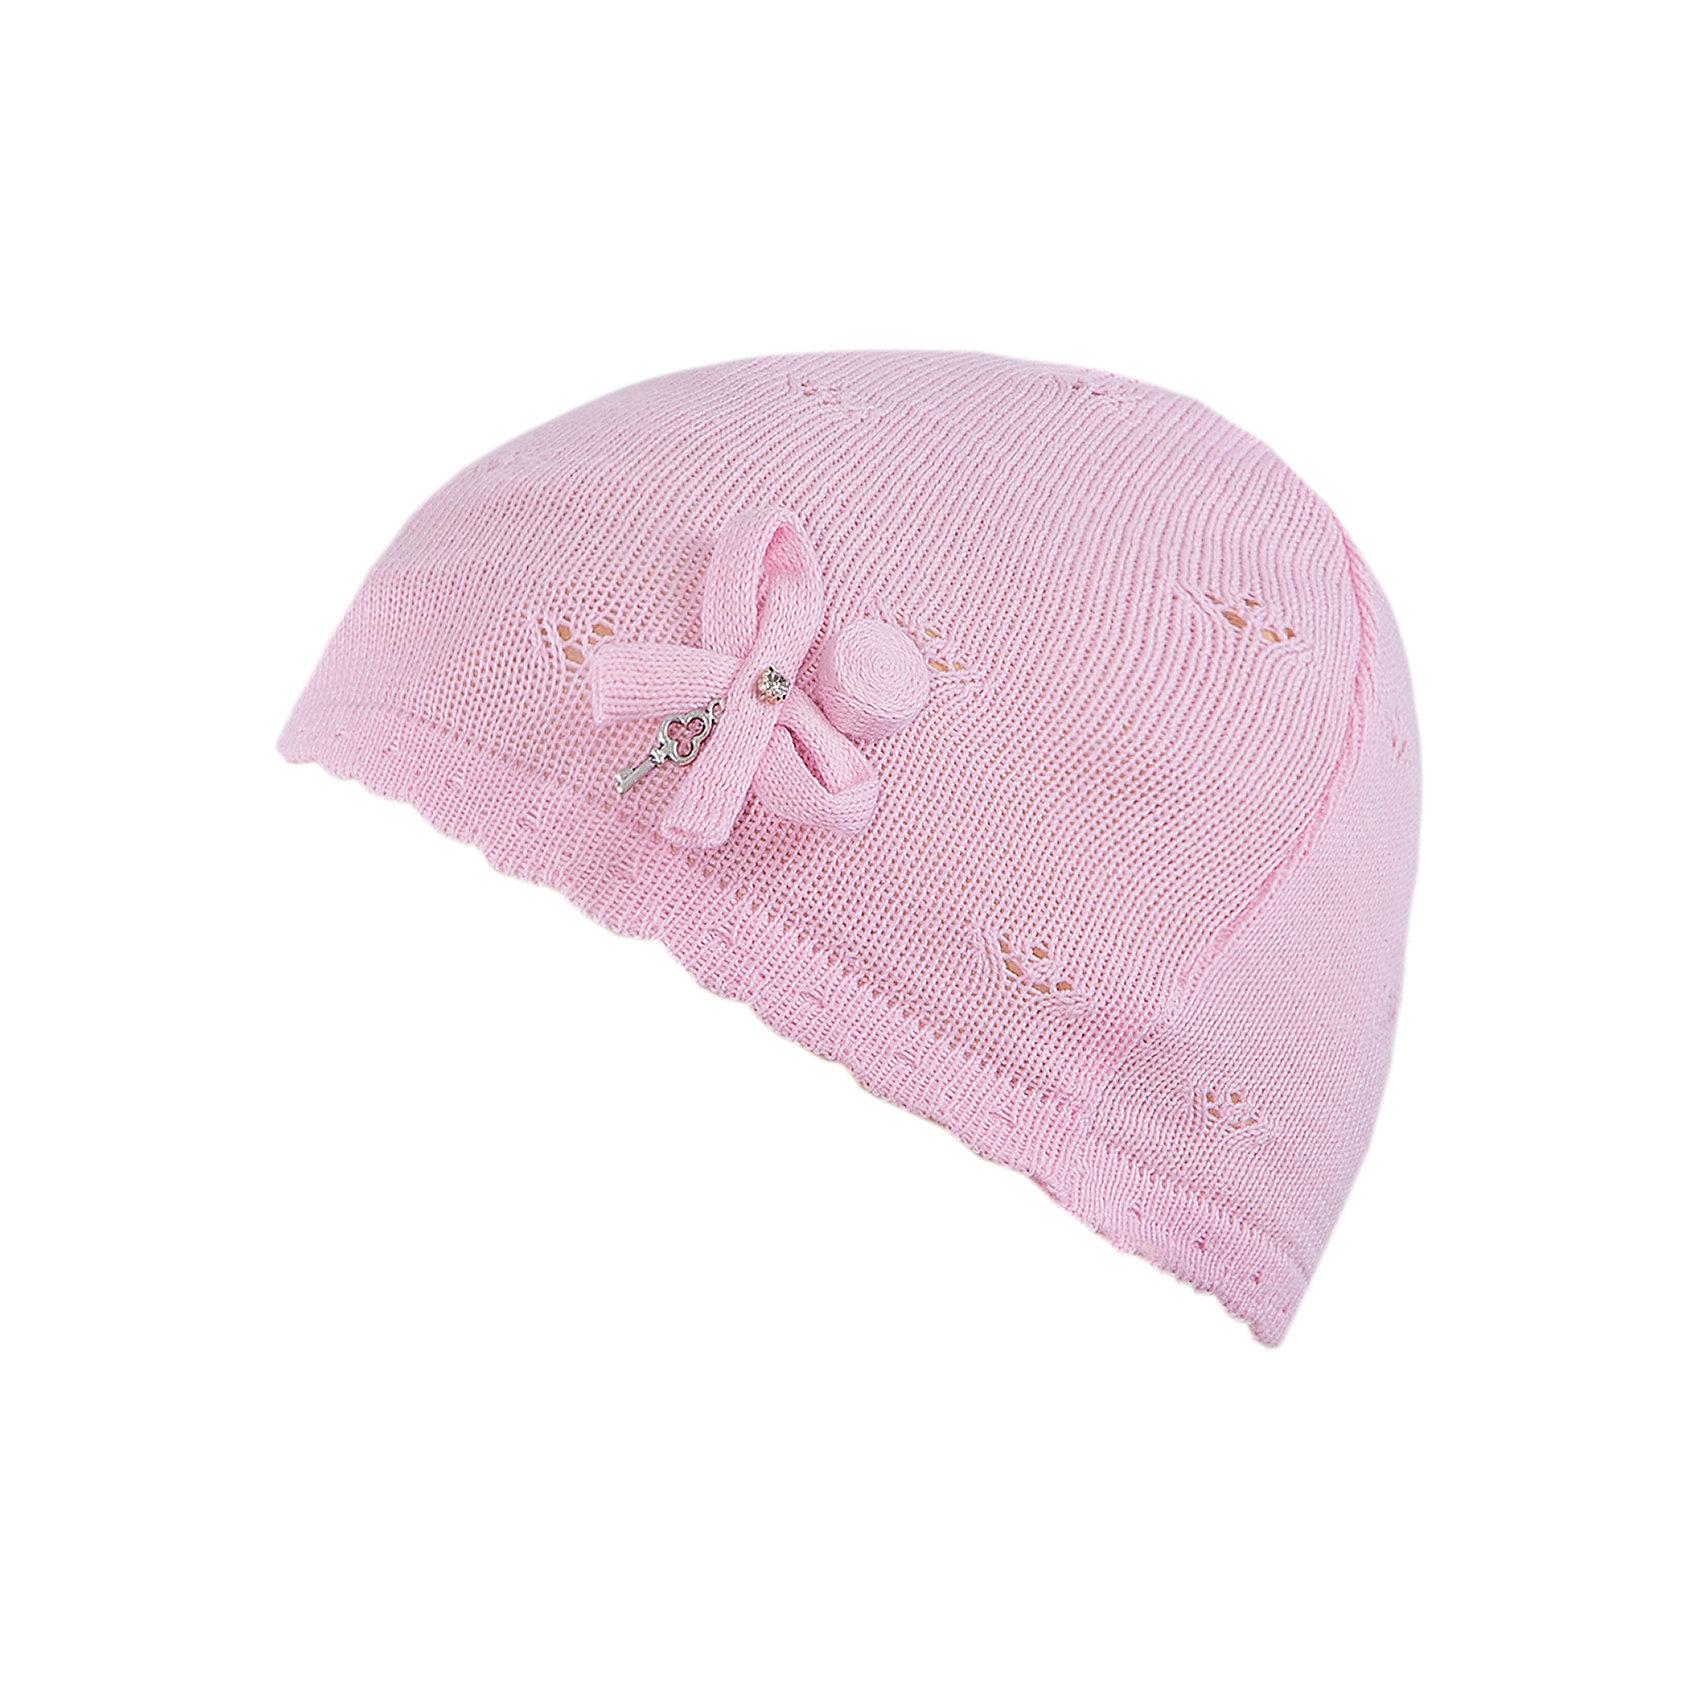 Шапка для девочки АртельШапка для девочки от торговой марки Артель <br><br>Ажурная шапка отлично смотрится на детях и комфортно сидит. Эта модель создана специально для девочек. Изделие выполнено из качественных материалов.<br>Одежда от бренда Артель – это высокое качество по приемлемой цене и всегда продуманный дизайн. <br><br>Особенности модели: <br>- цвет — розовый; <br>- украшена бантом; <br>- натуральный хлопок с добавкой пана. <br><br>Дополнительная информация: <br><br>Состав: 50% хлопок, 50% пан.<br><br>Шапку для девочки Артель (Artel) можно купить в нашем магазине.<br><br>Ширина мм: 89<br>Глубина мм: 117<br>Высота мм: 44<br>Вес г: 155<br>Цвет: розовый<br>Возраст от месяцев: 36<br>Возраст до месяцев: 48<br>Пол: Женский<br>Возраст: Детский<br>Размер: 50,46,44,48,52<br>SKU: 4500523